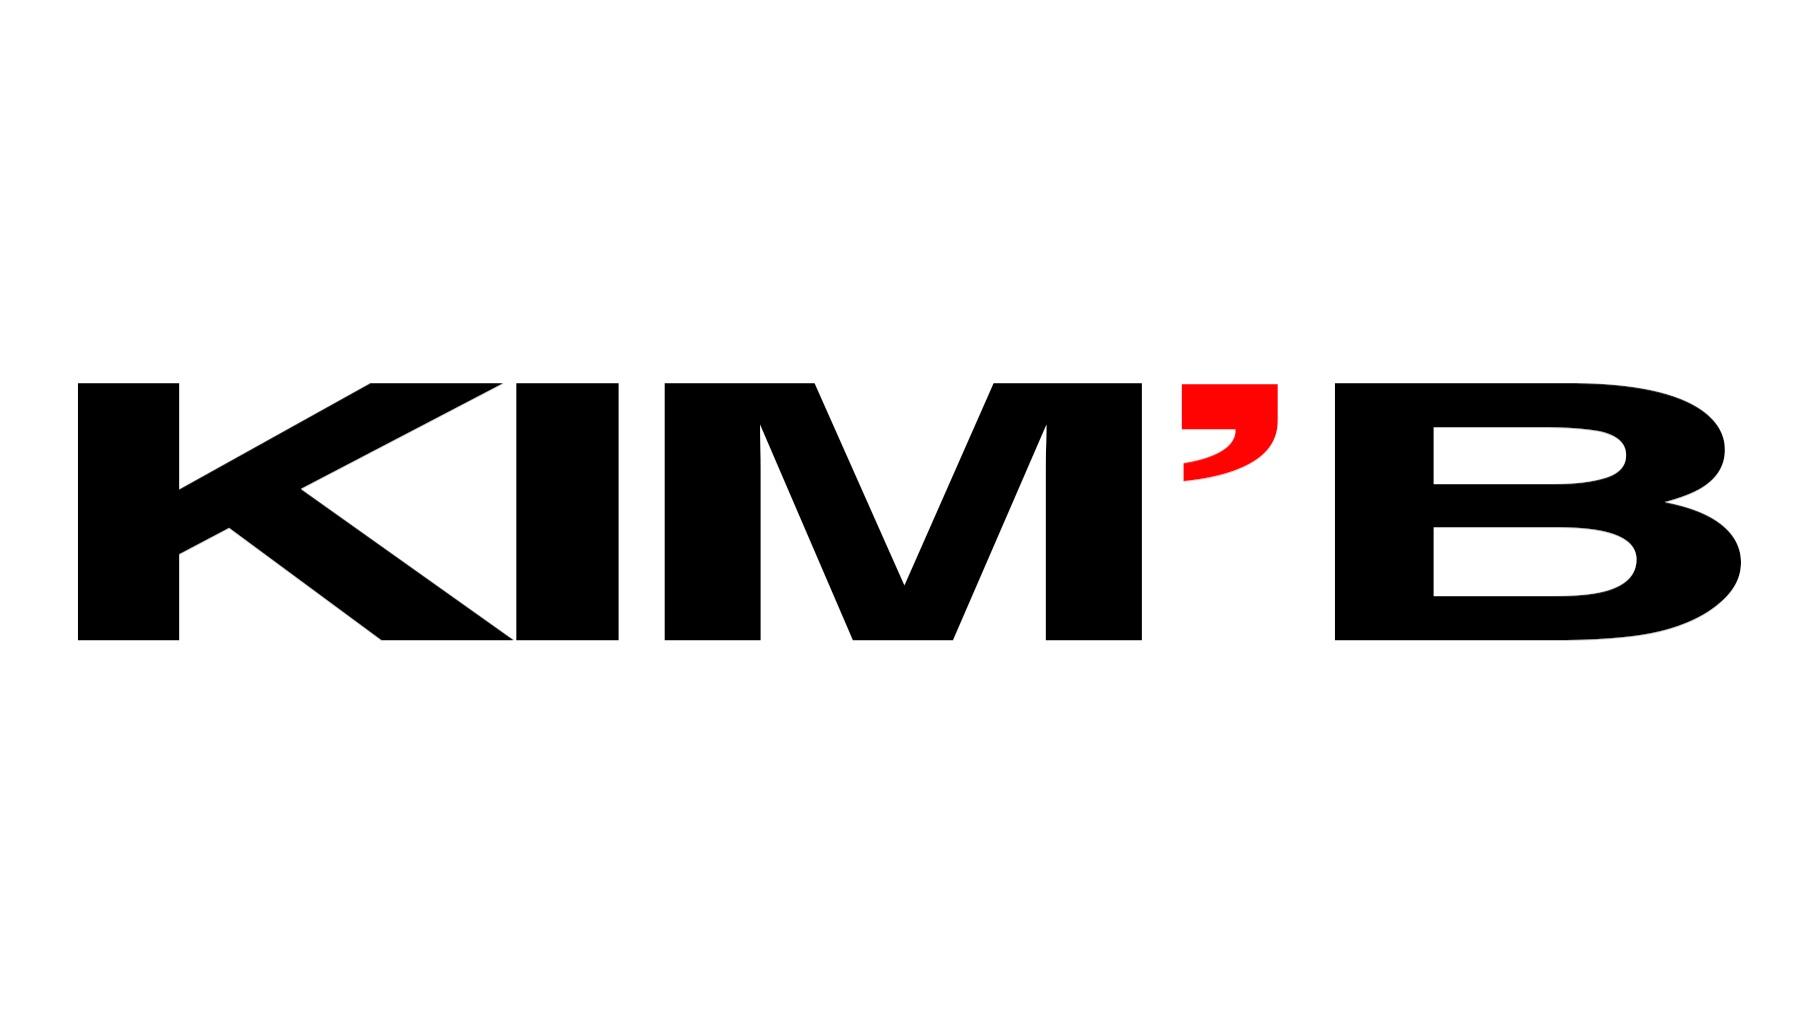 KIM_LOGO.jpg